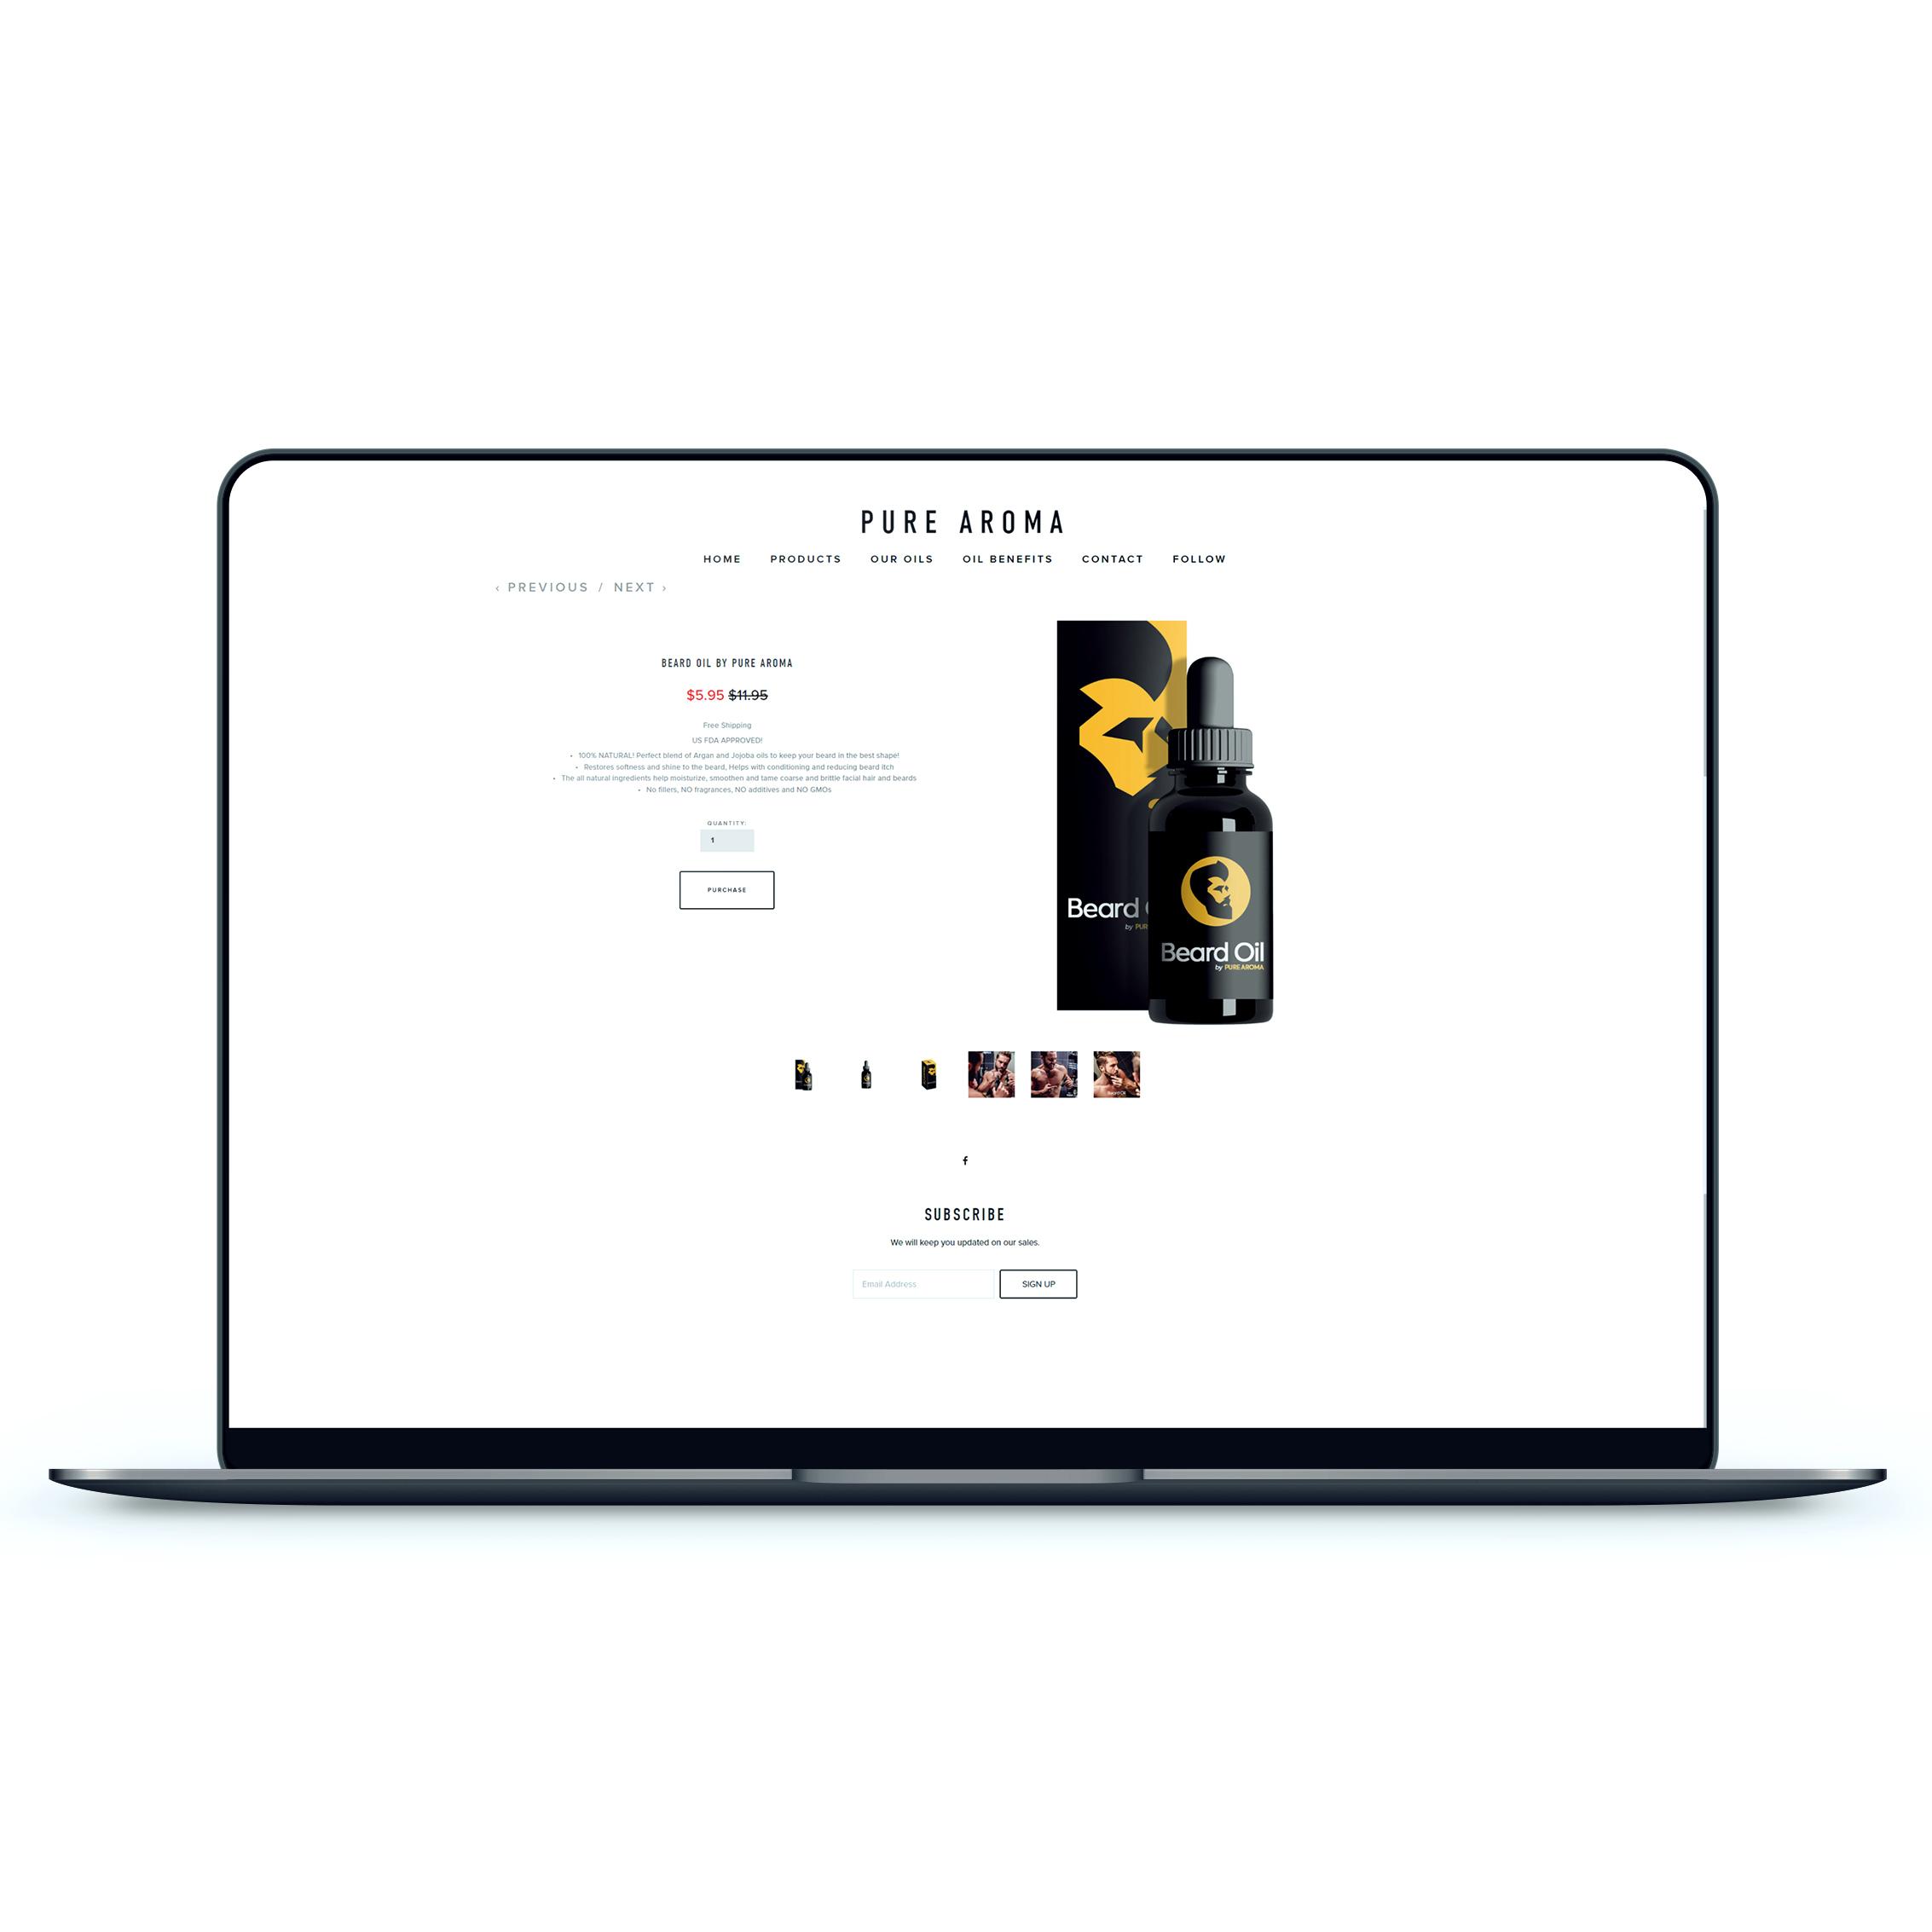 beard-oil-design-website-01.jpg